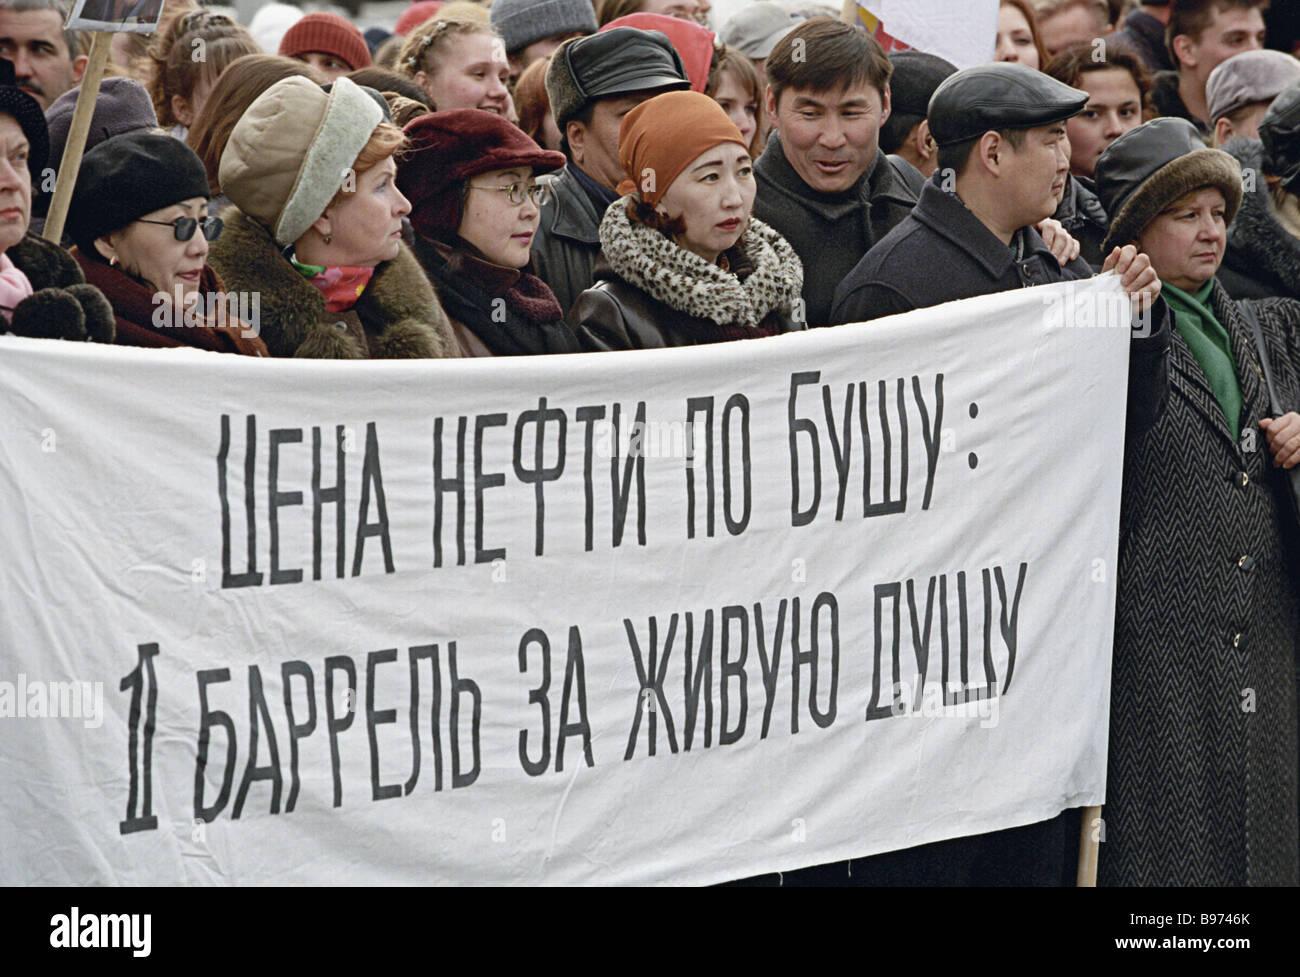 Il Russo Partito Popolare raccolse sulla piazza Slavyanskaya a Mosca s centro in segno di protesta contro la guerra Immagini Stock